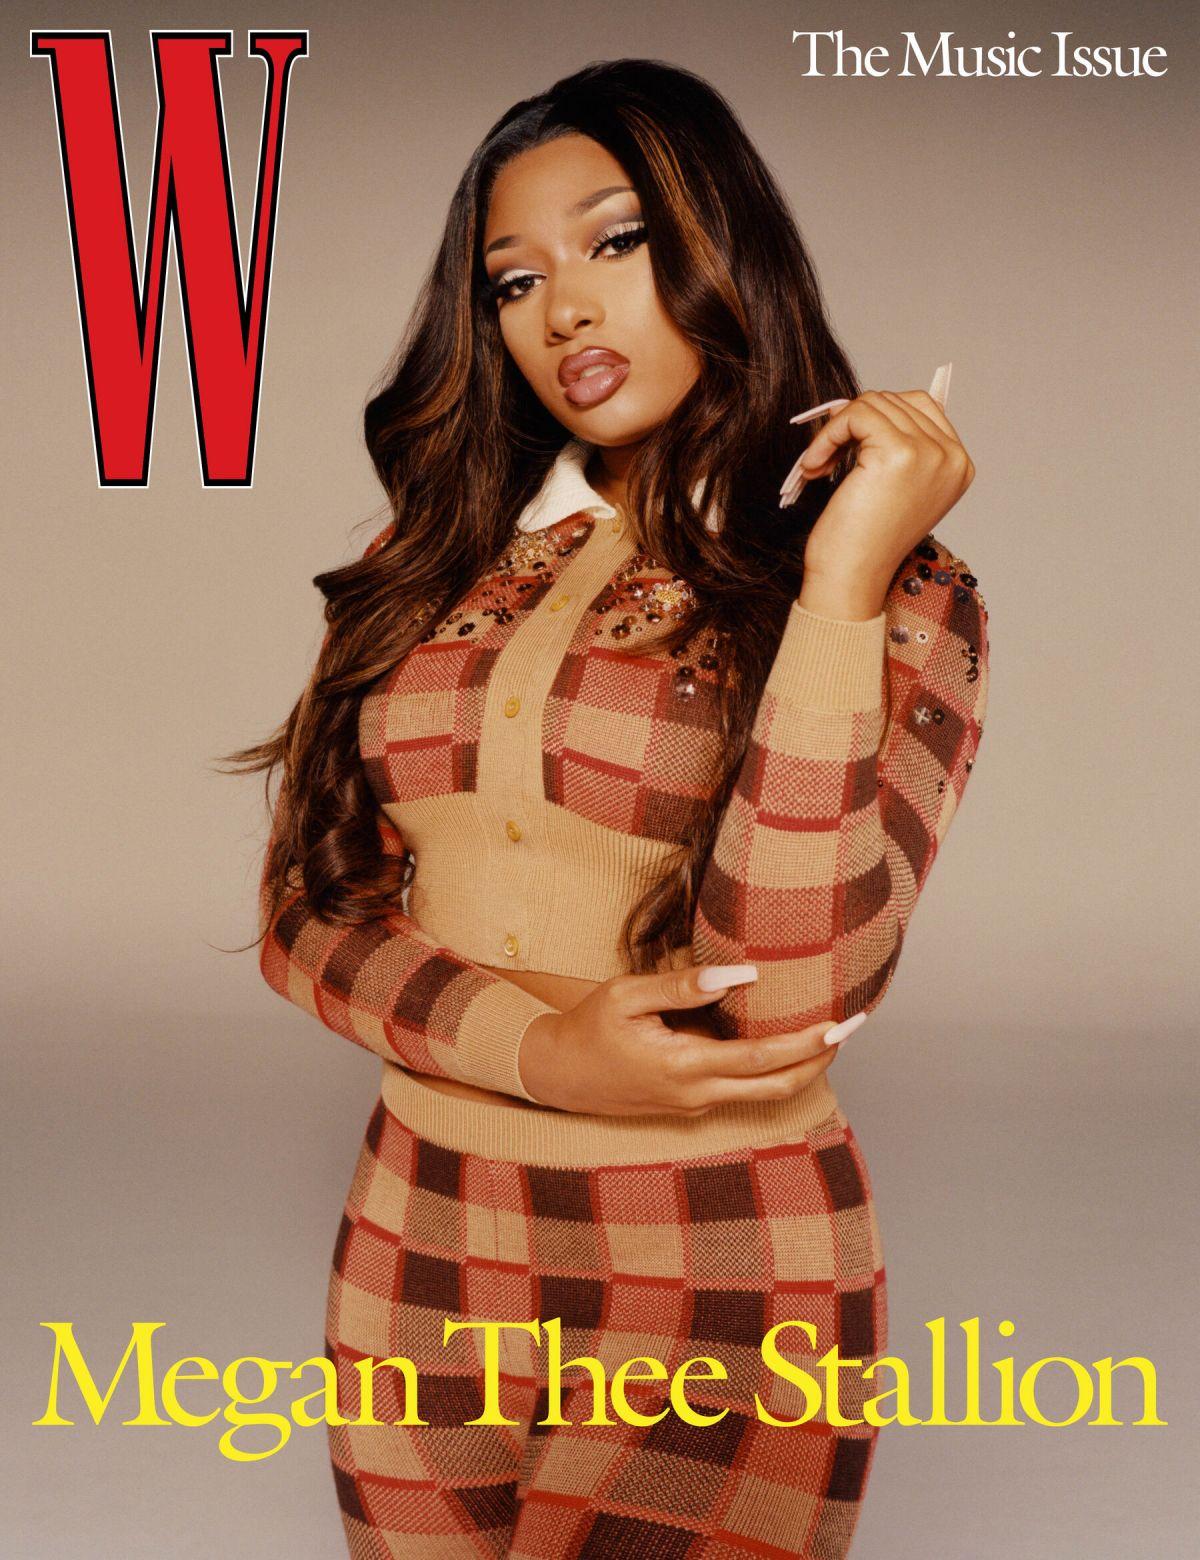 Megan Thee Stallion W Magazine Music Issue